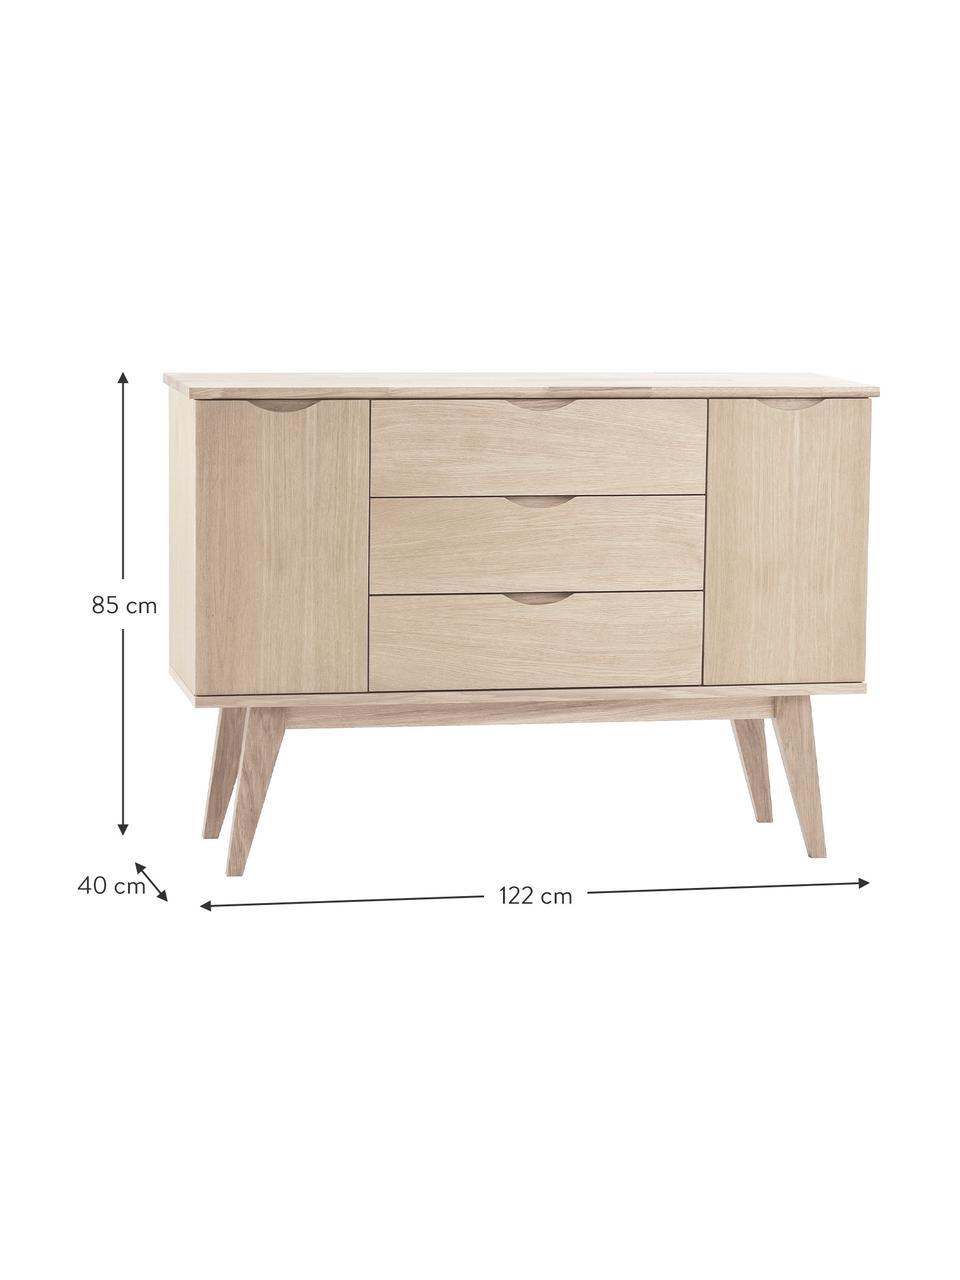 Sideboard Filippa mit Schubladen aus Eichenholz, Beine: Eichenholz, massiv, weiß , Eichenholz, weiß gewaschen, 122 x 85 cm